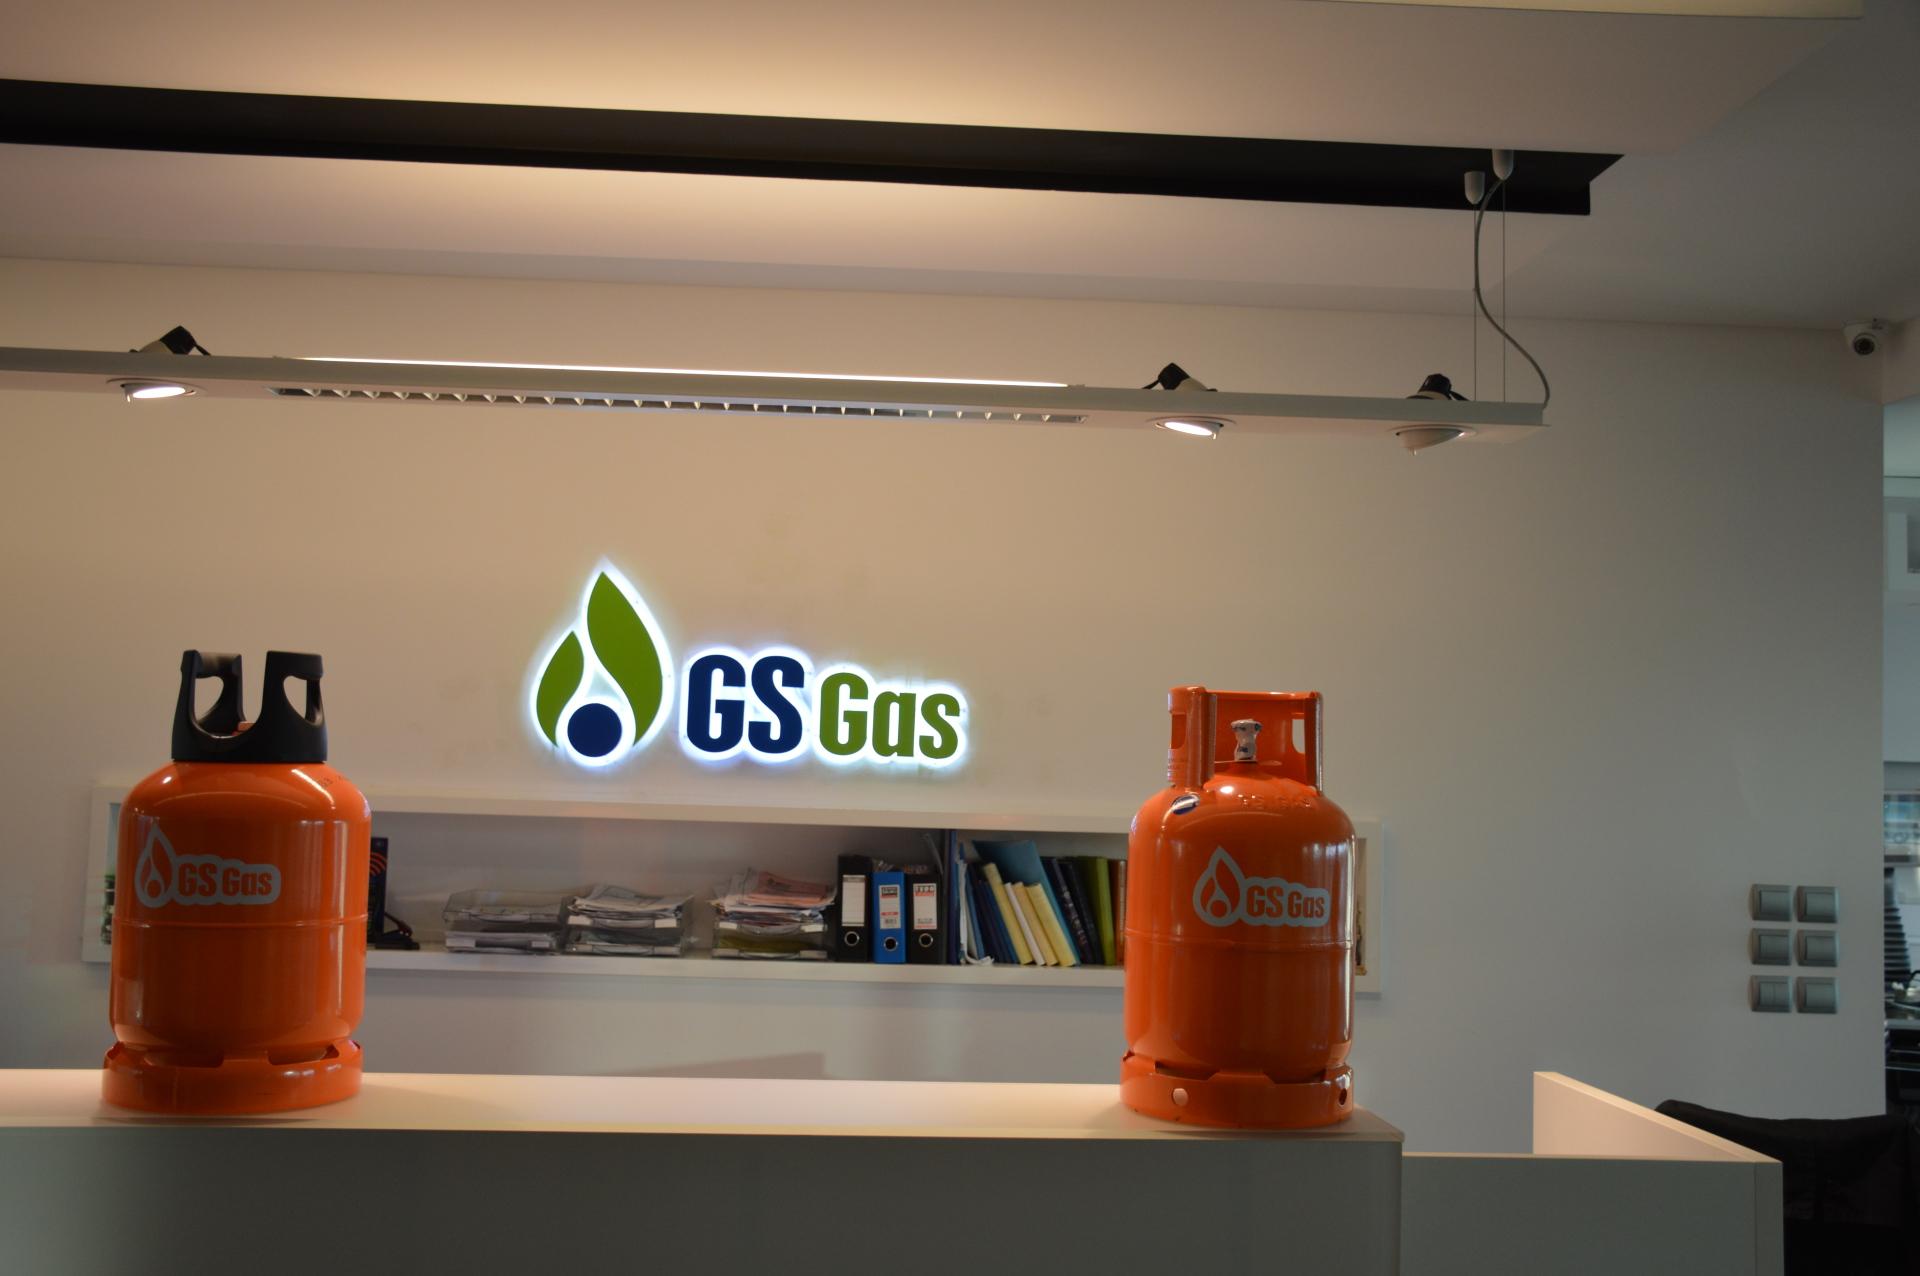 ΤΗΛΕΦΩΝΟ GS GAS